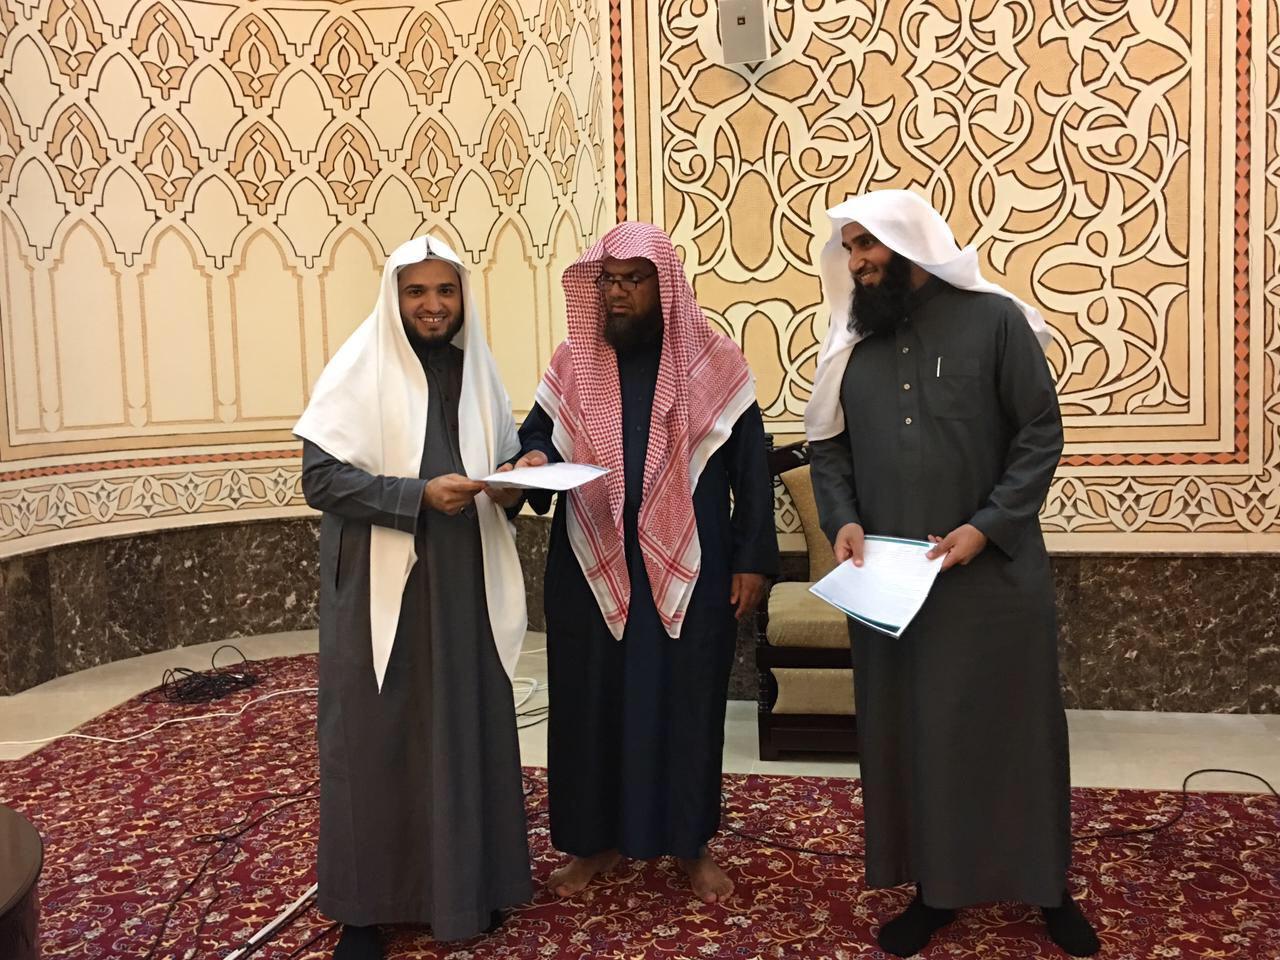 Поздравление завершивших цикл обучения по теме «аль-Хаваши ас-Сабигат» по фикху имама Ахмада у шейха аль-Куайми